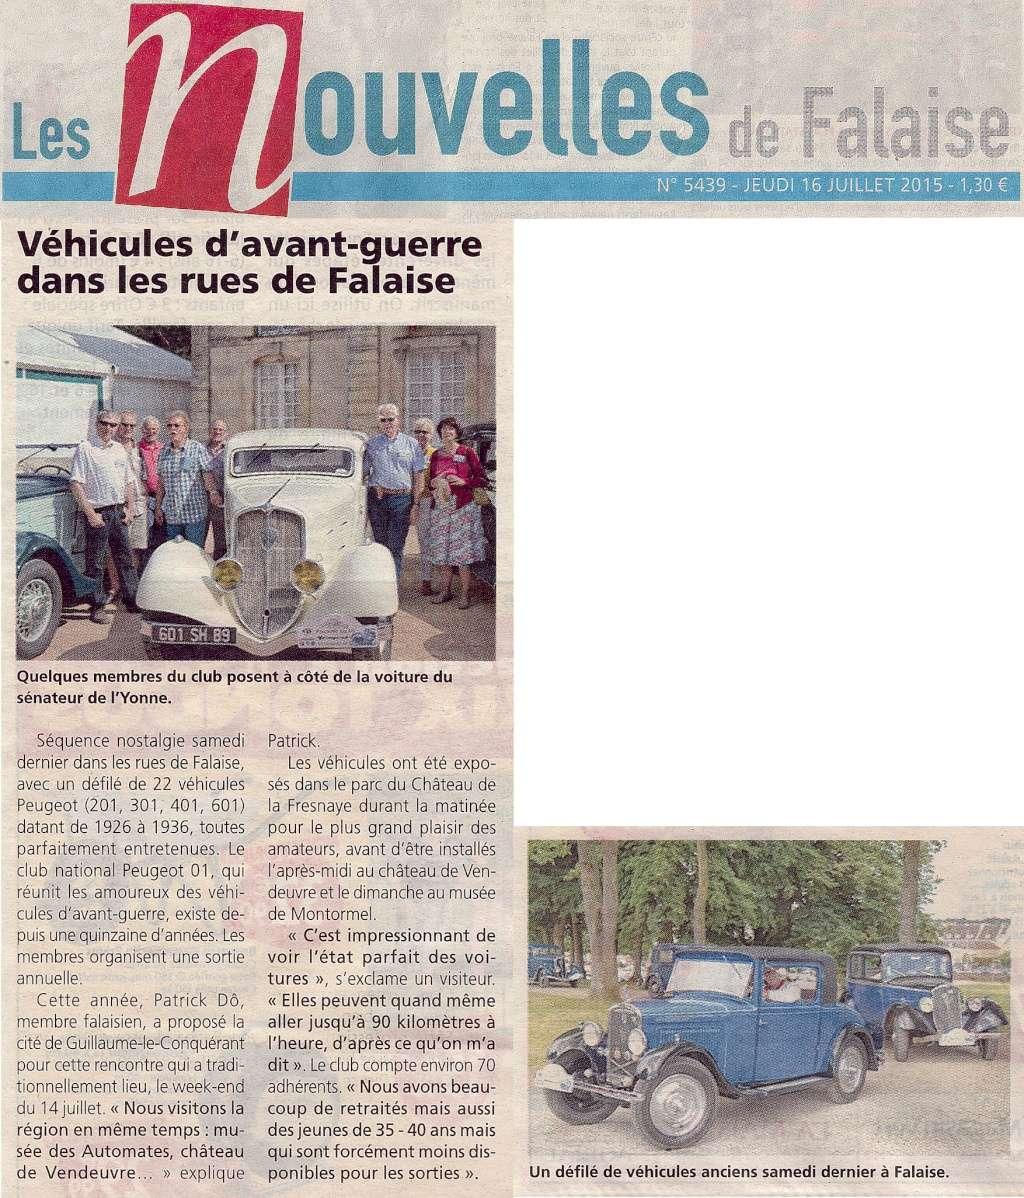 FALAISE 2015, les 01 attaqueront la Normandie - Page 5 Nouvel10